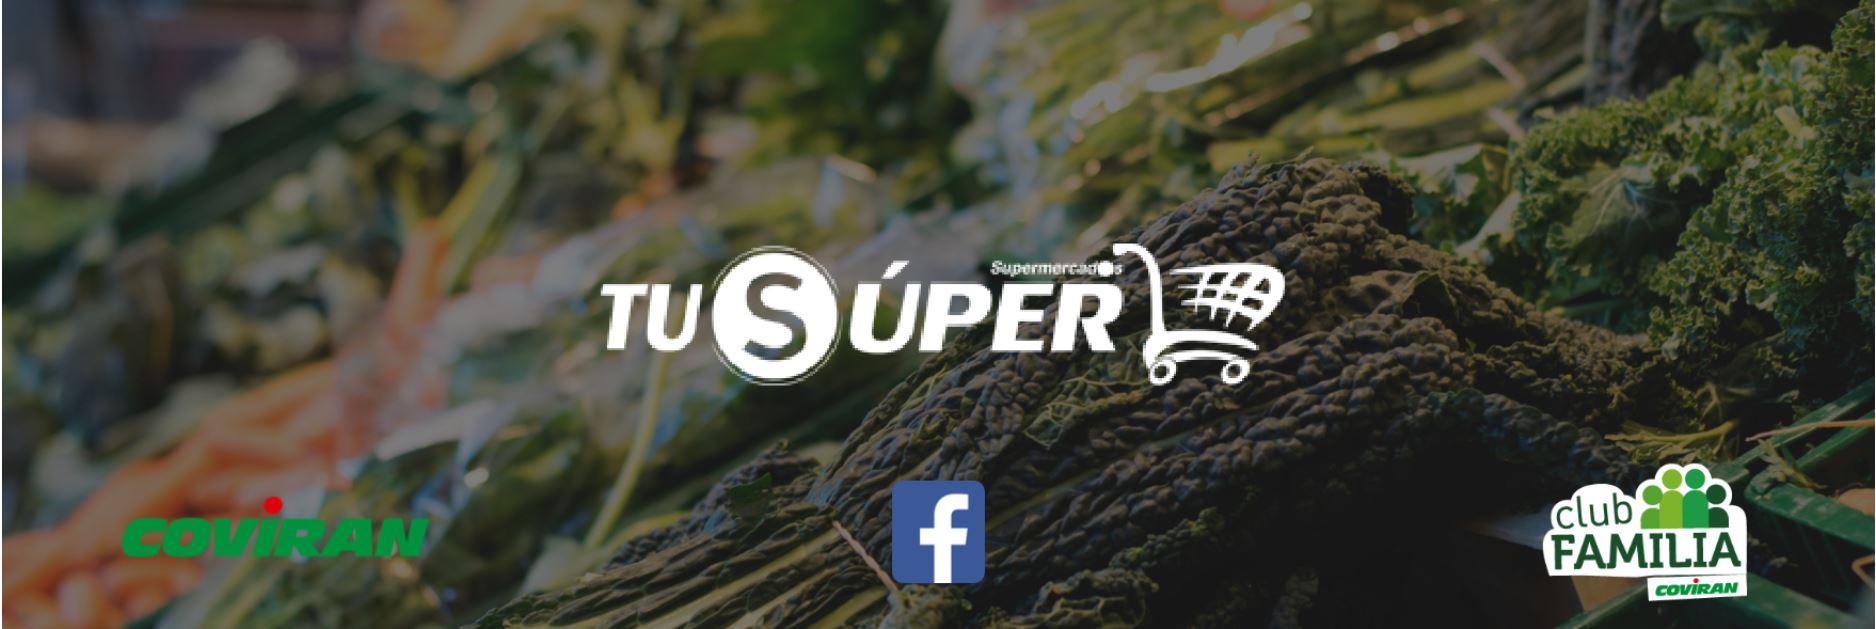 tuSuper-logo1